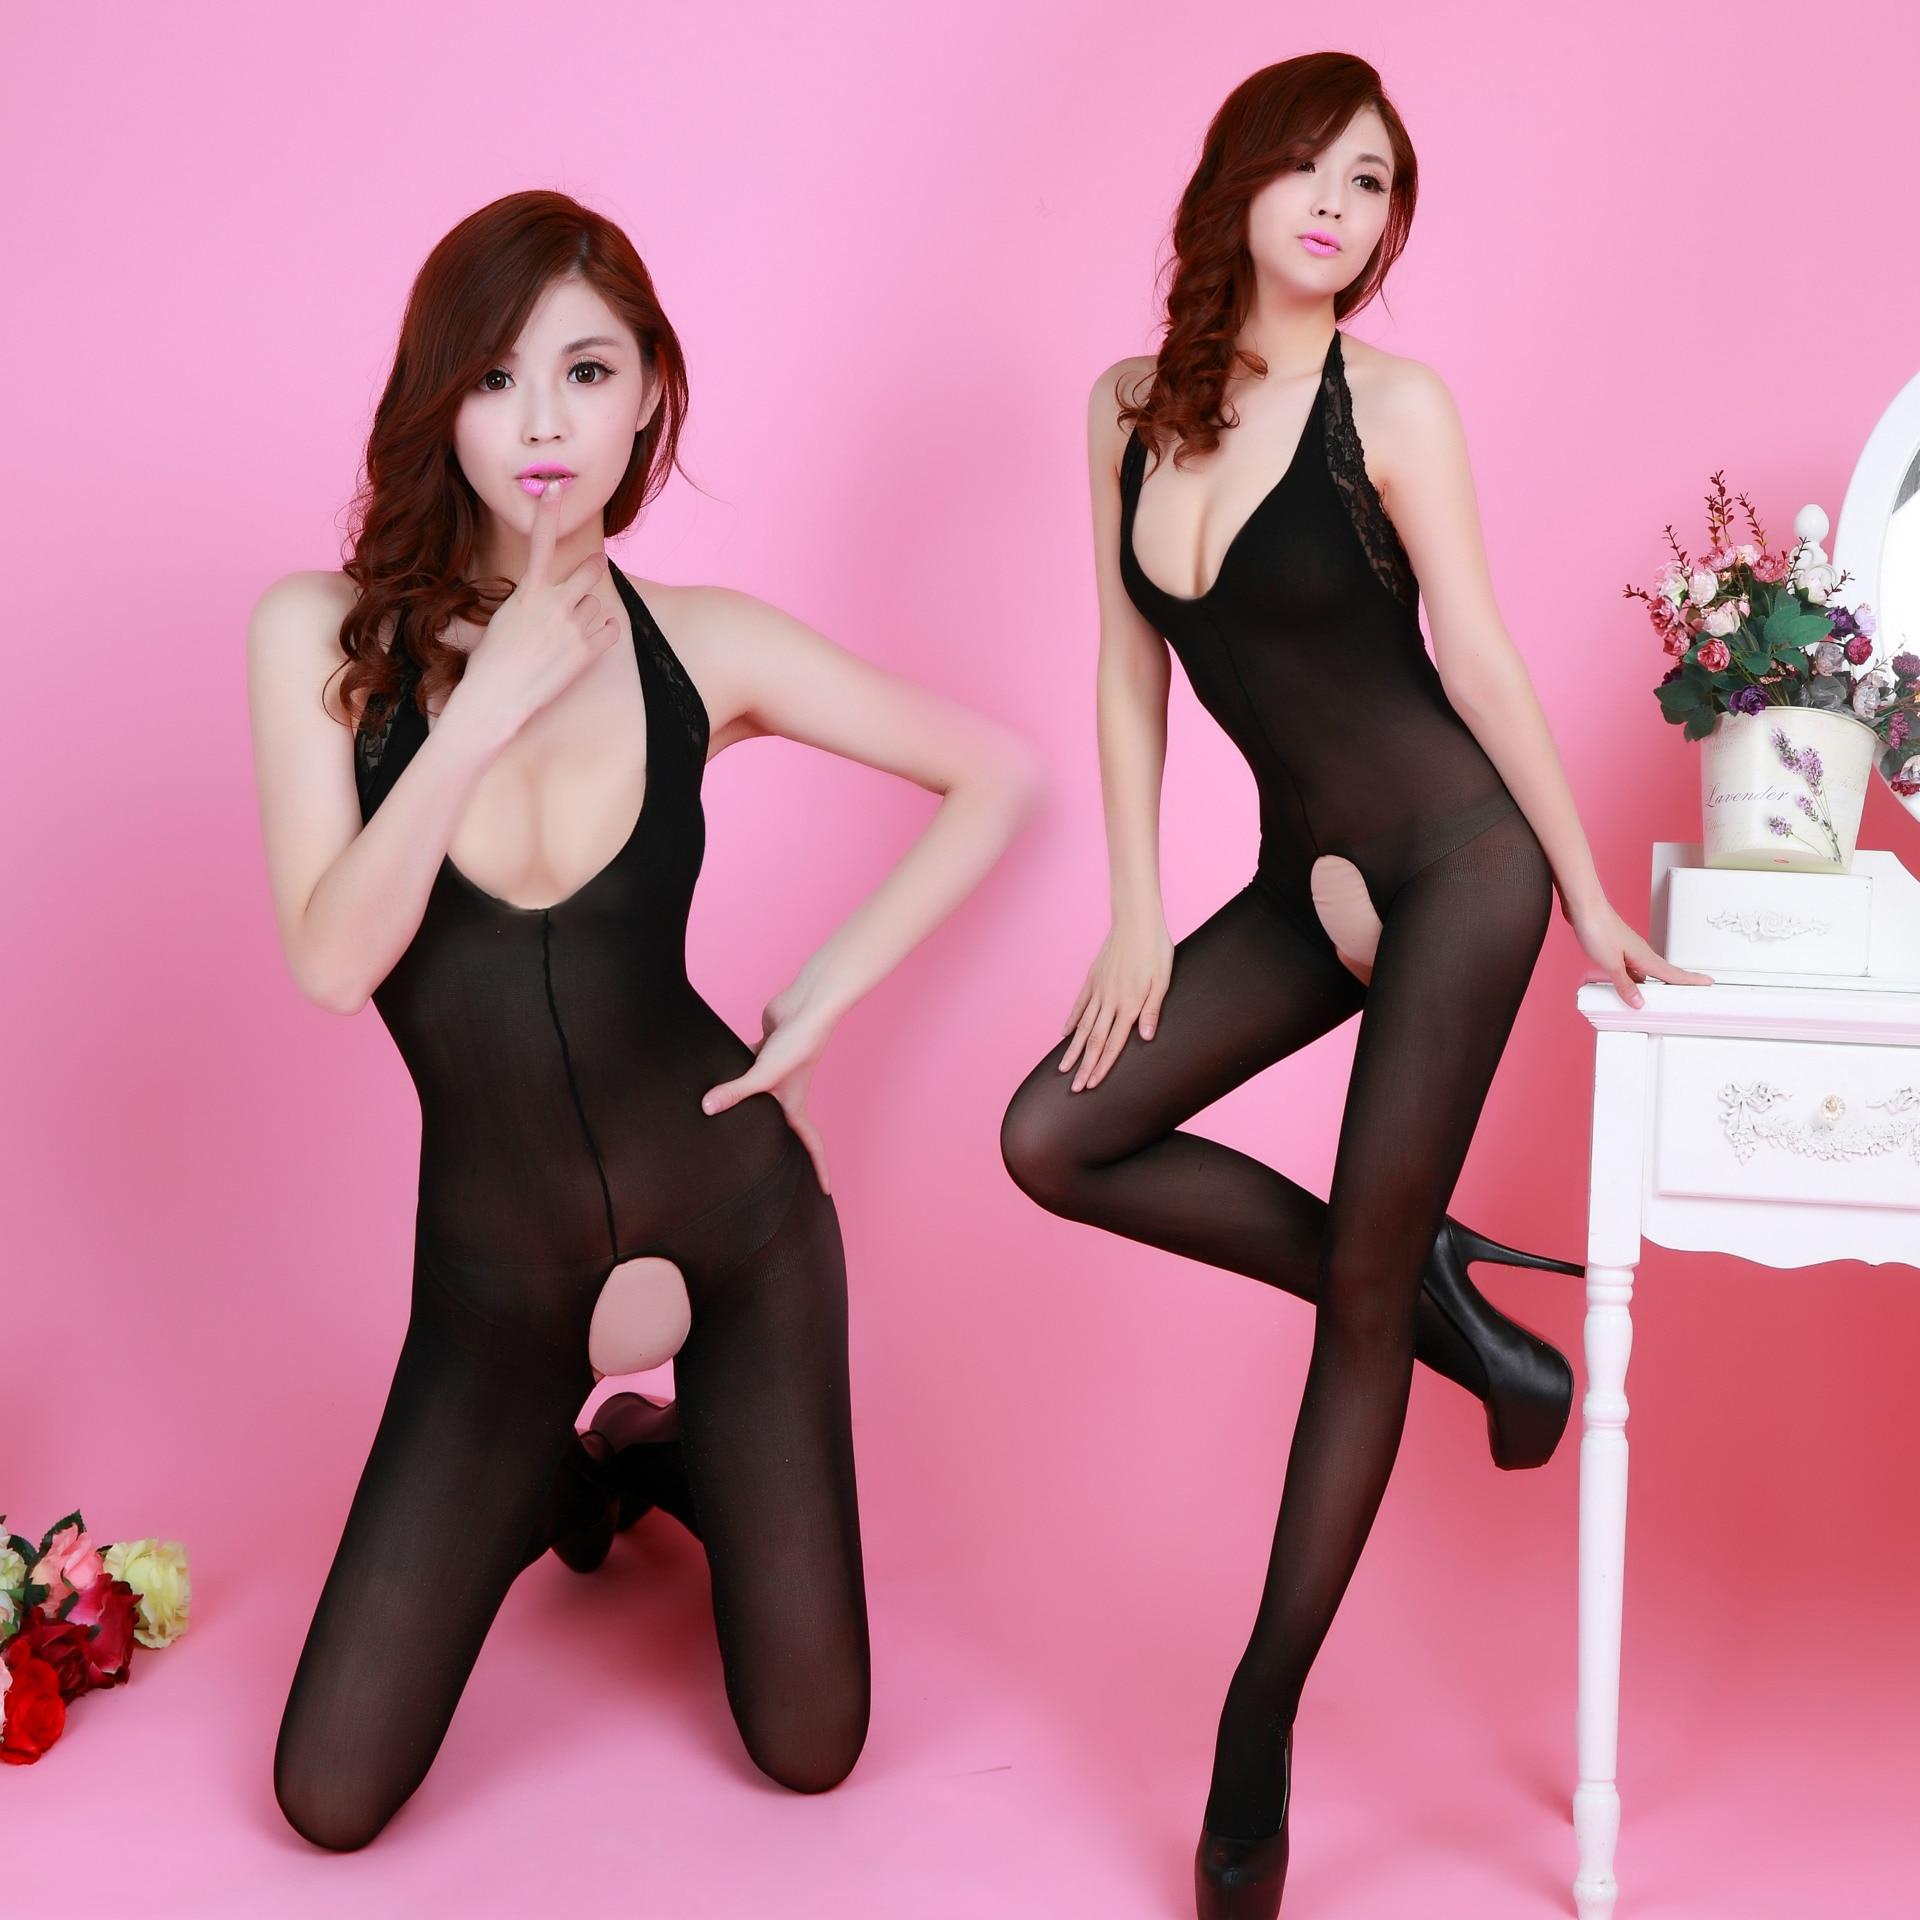 костюмы на тело для порно